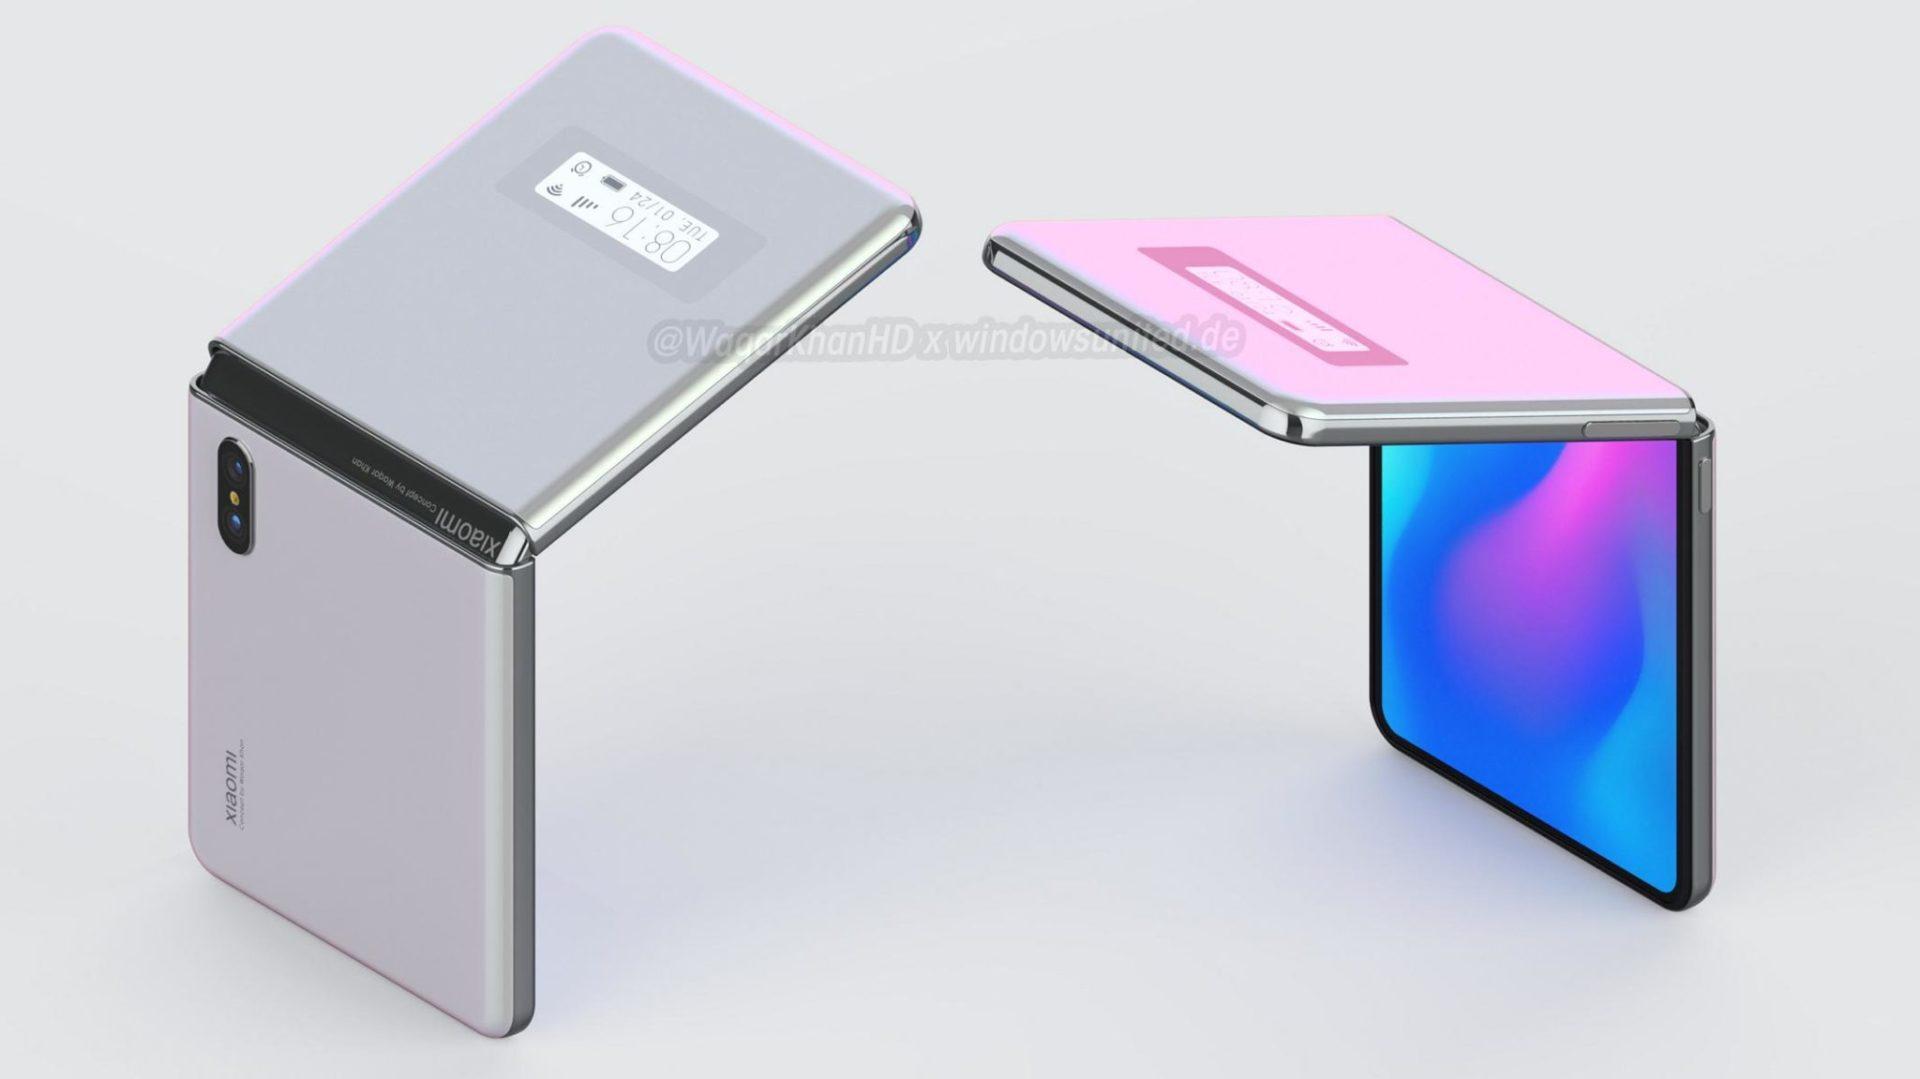 Xiaomi cəlbedici bir cihazda çalışır 2